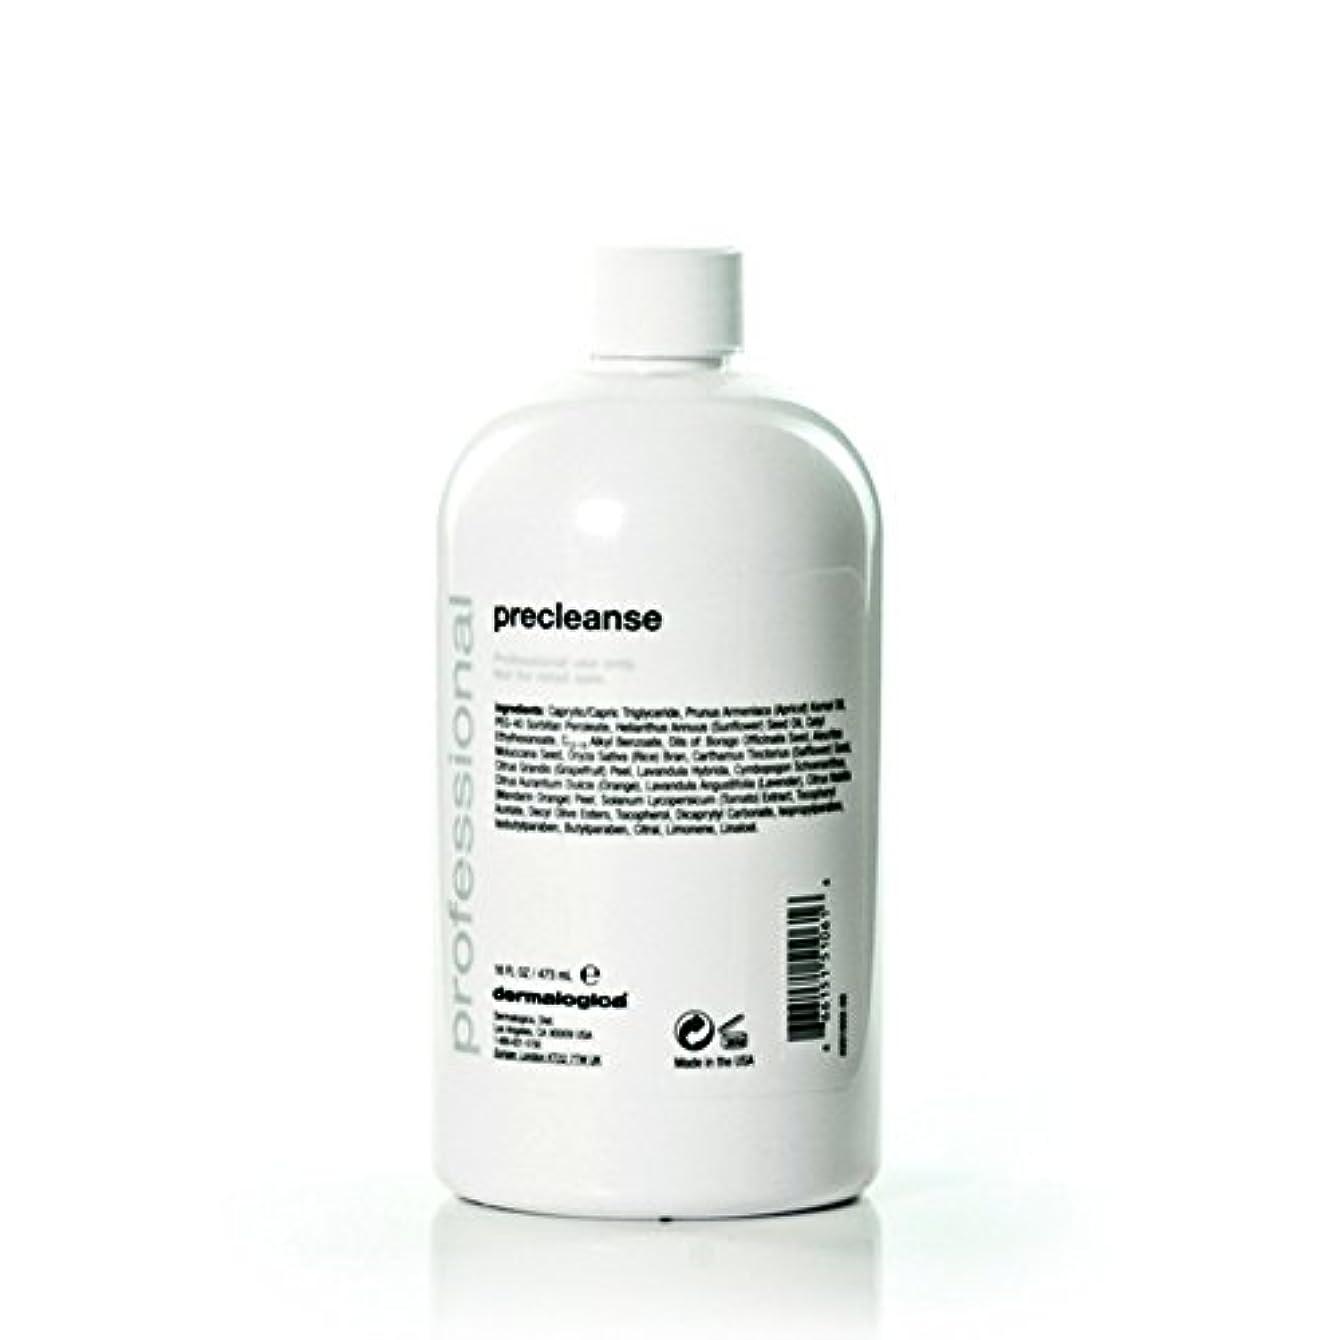 振る舞いタイトル不変ダーマロジカ プレクレンズ (サロンサイズ) 473ml/16oz並行輸入品